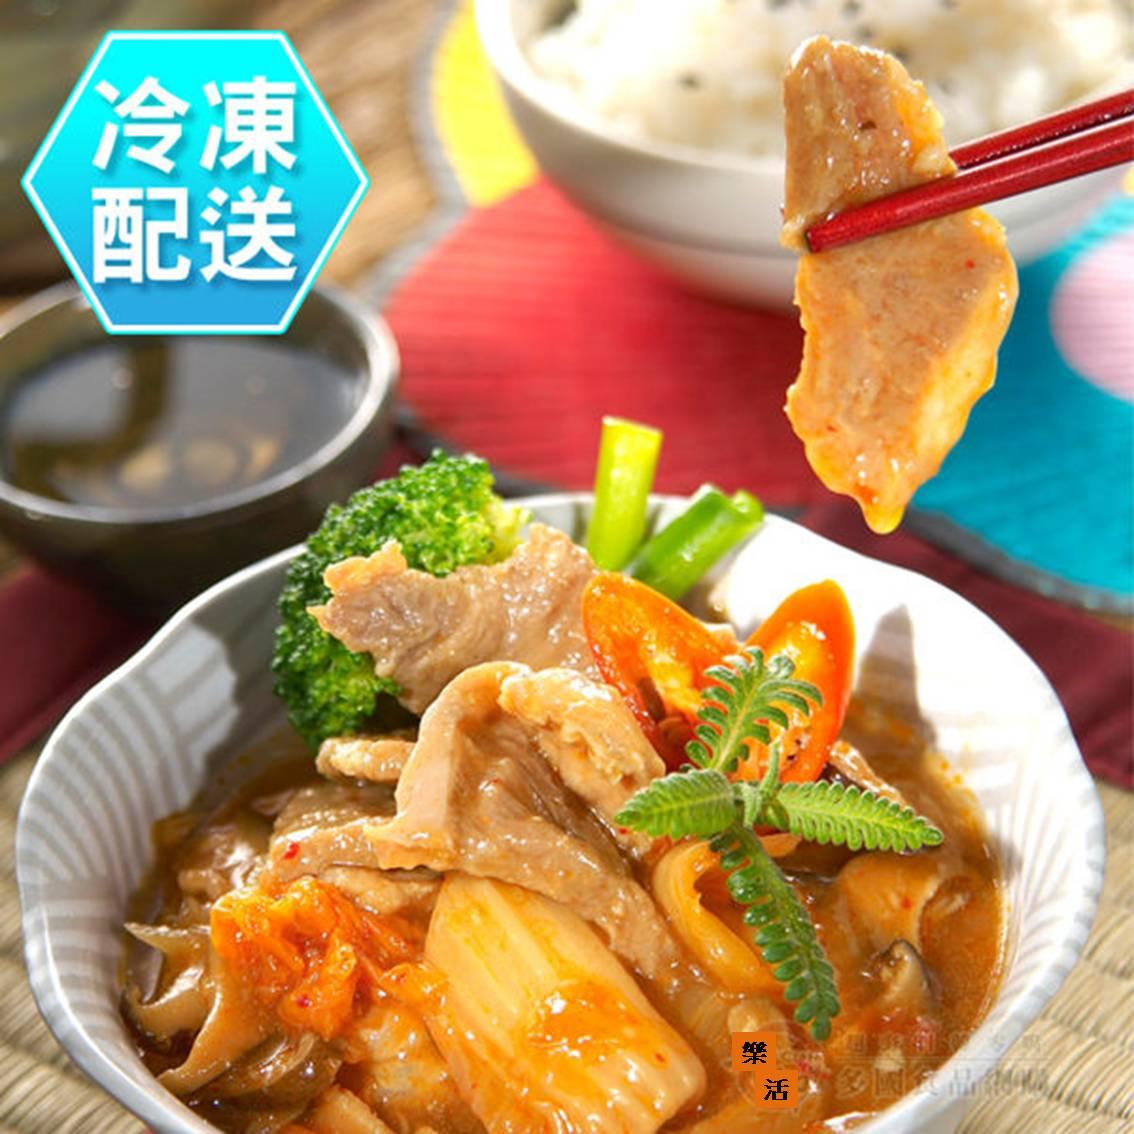 樂活生活館   韓式泡菜燒珍肉(2人份)300g 冷凍配送   蔗雞王